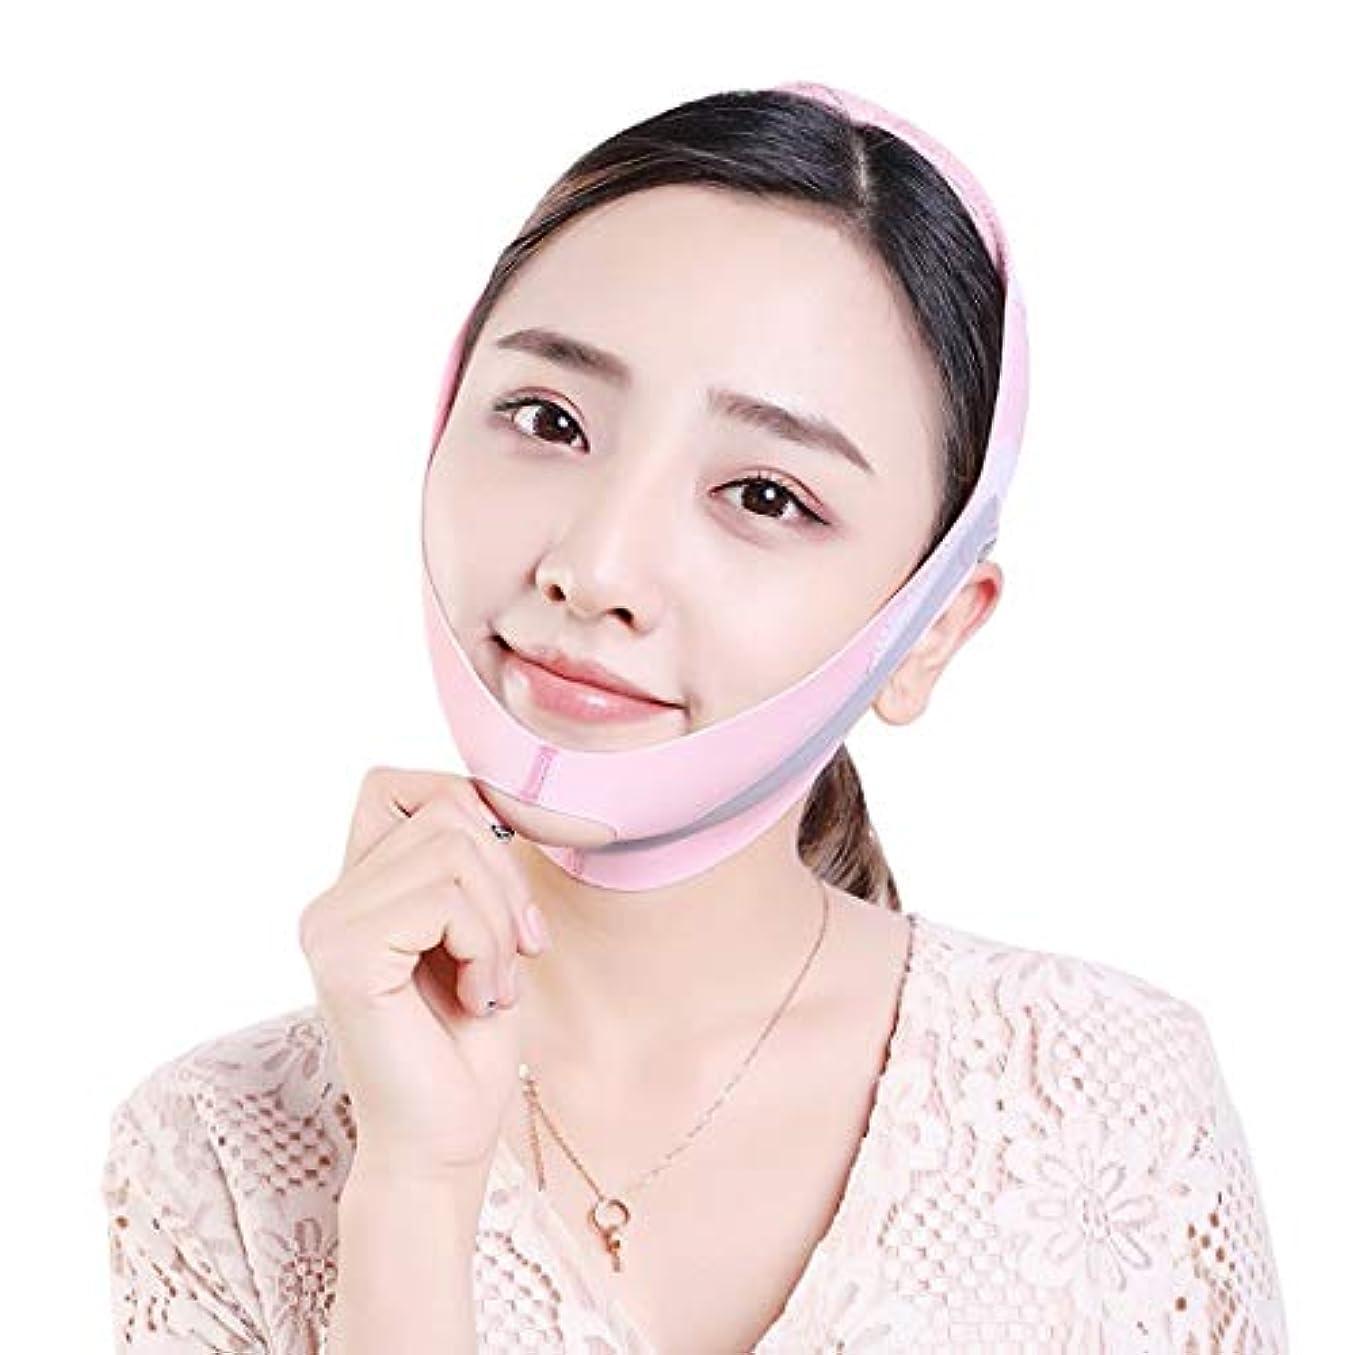 解放する聖なる抽出ZWBD フェイスマスク, フェイスリフティング包帯二重あごの法令ライン美しさの肌を引き締め薄いフェイスマスク小さなV顔アーティファクト強力なフェイスリフティングデバイス